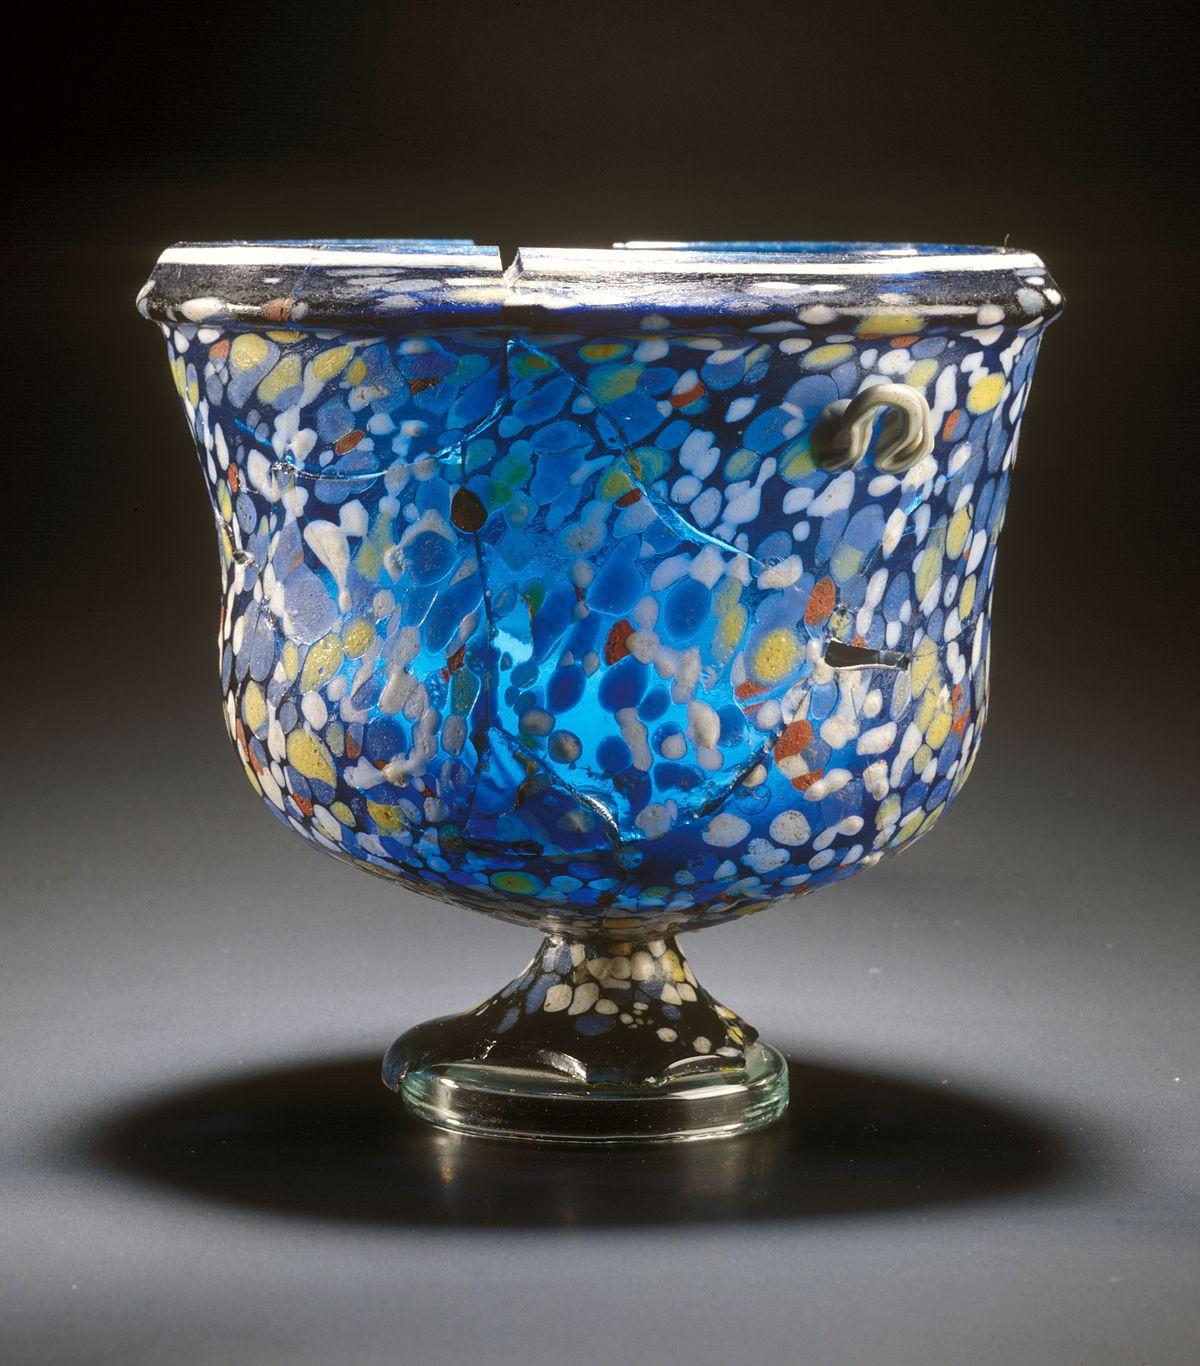 27 Unique Tall Cobalt Blue Glass Vase 2021 free download tall cobalt blue glass vase of 13 new blue tall glass vase bogekompresorturkiye com regarding blue tall glass vase unique glass art of blue tall glass vase